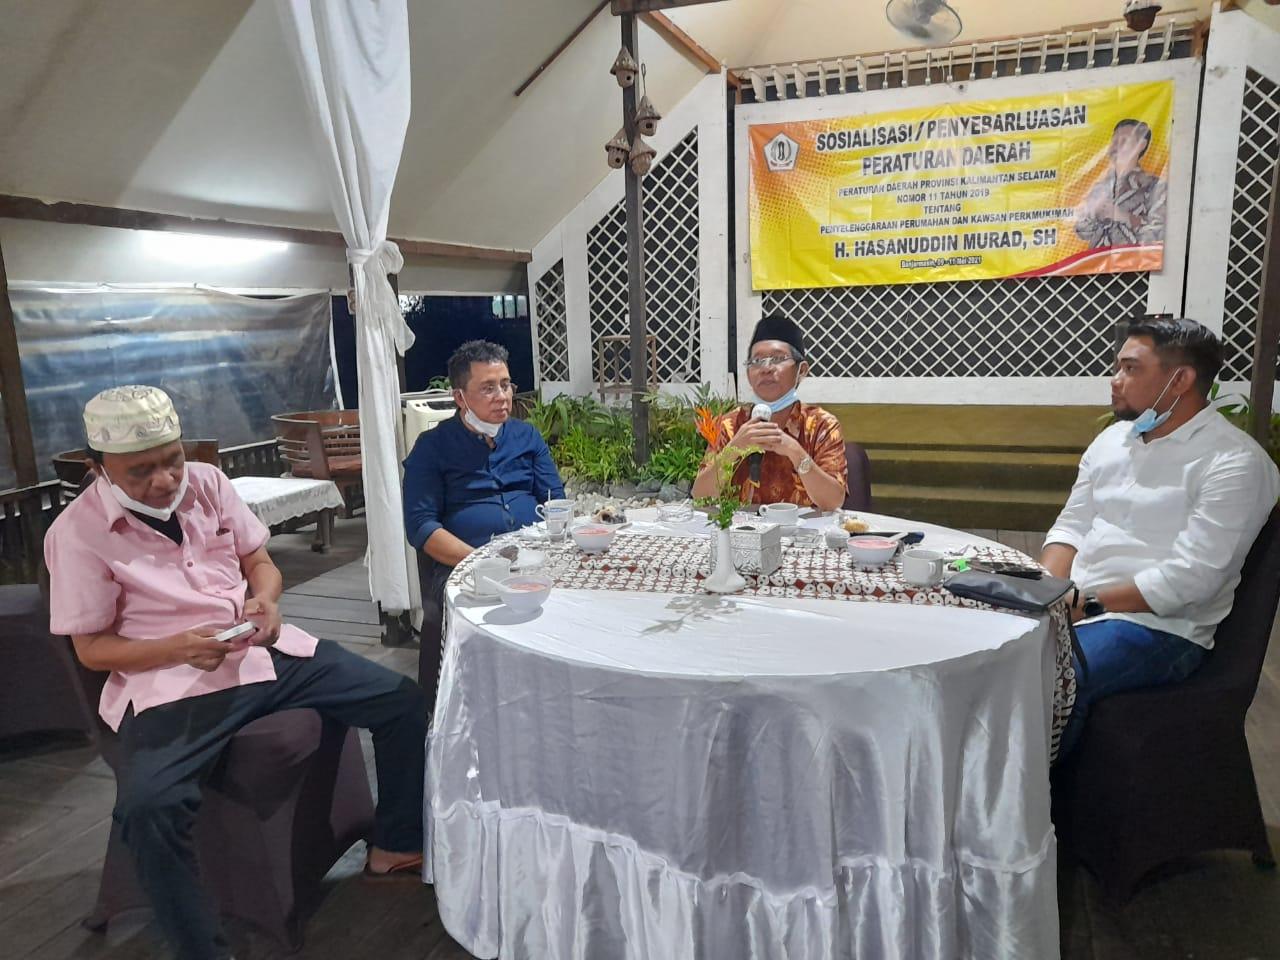 Hasanuddin Murad Sosialisasikan Perda Penyelenggaraan Perumahan dan Kawasan Permukiman di Batola